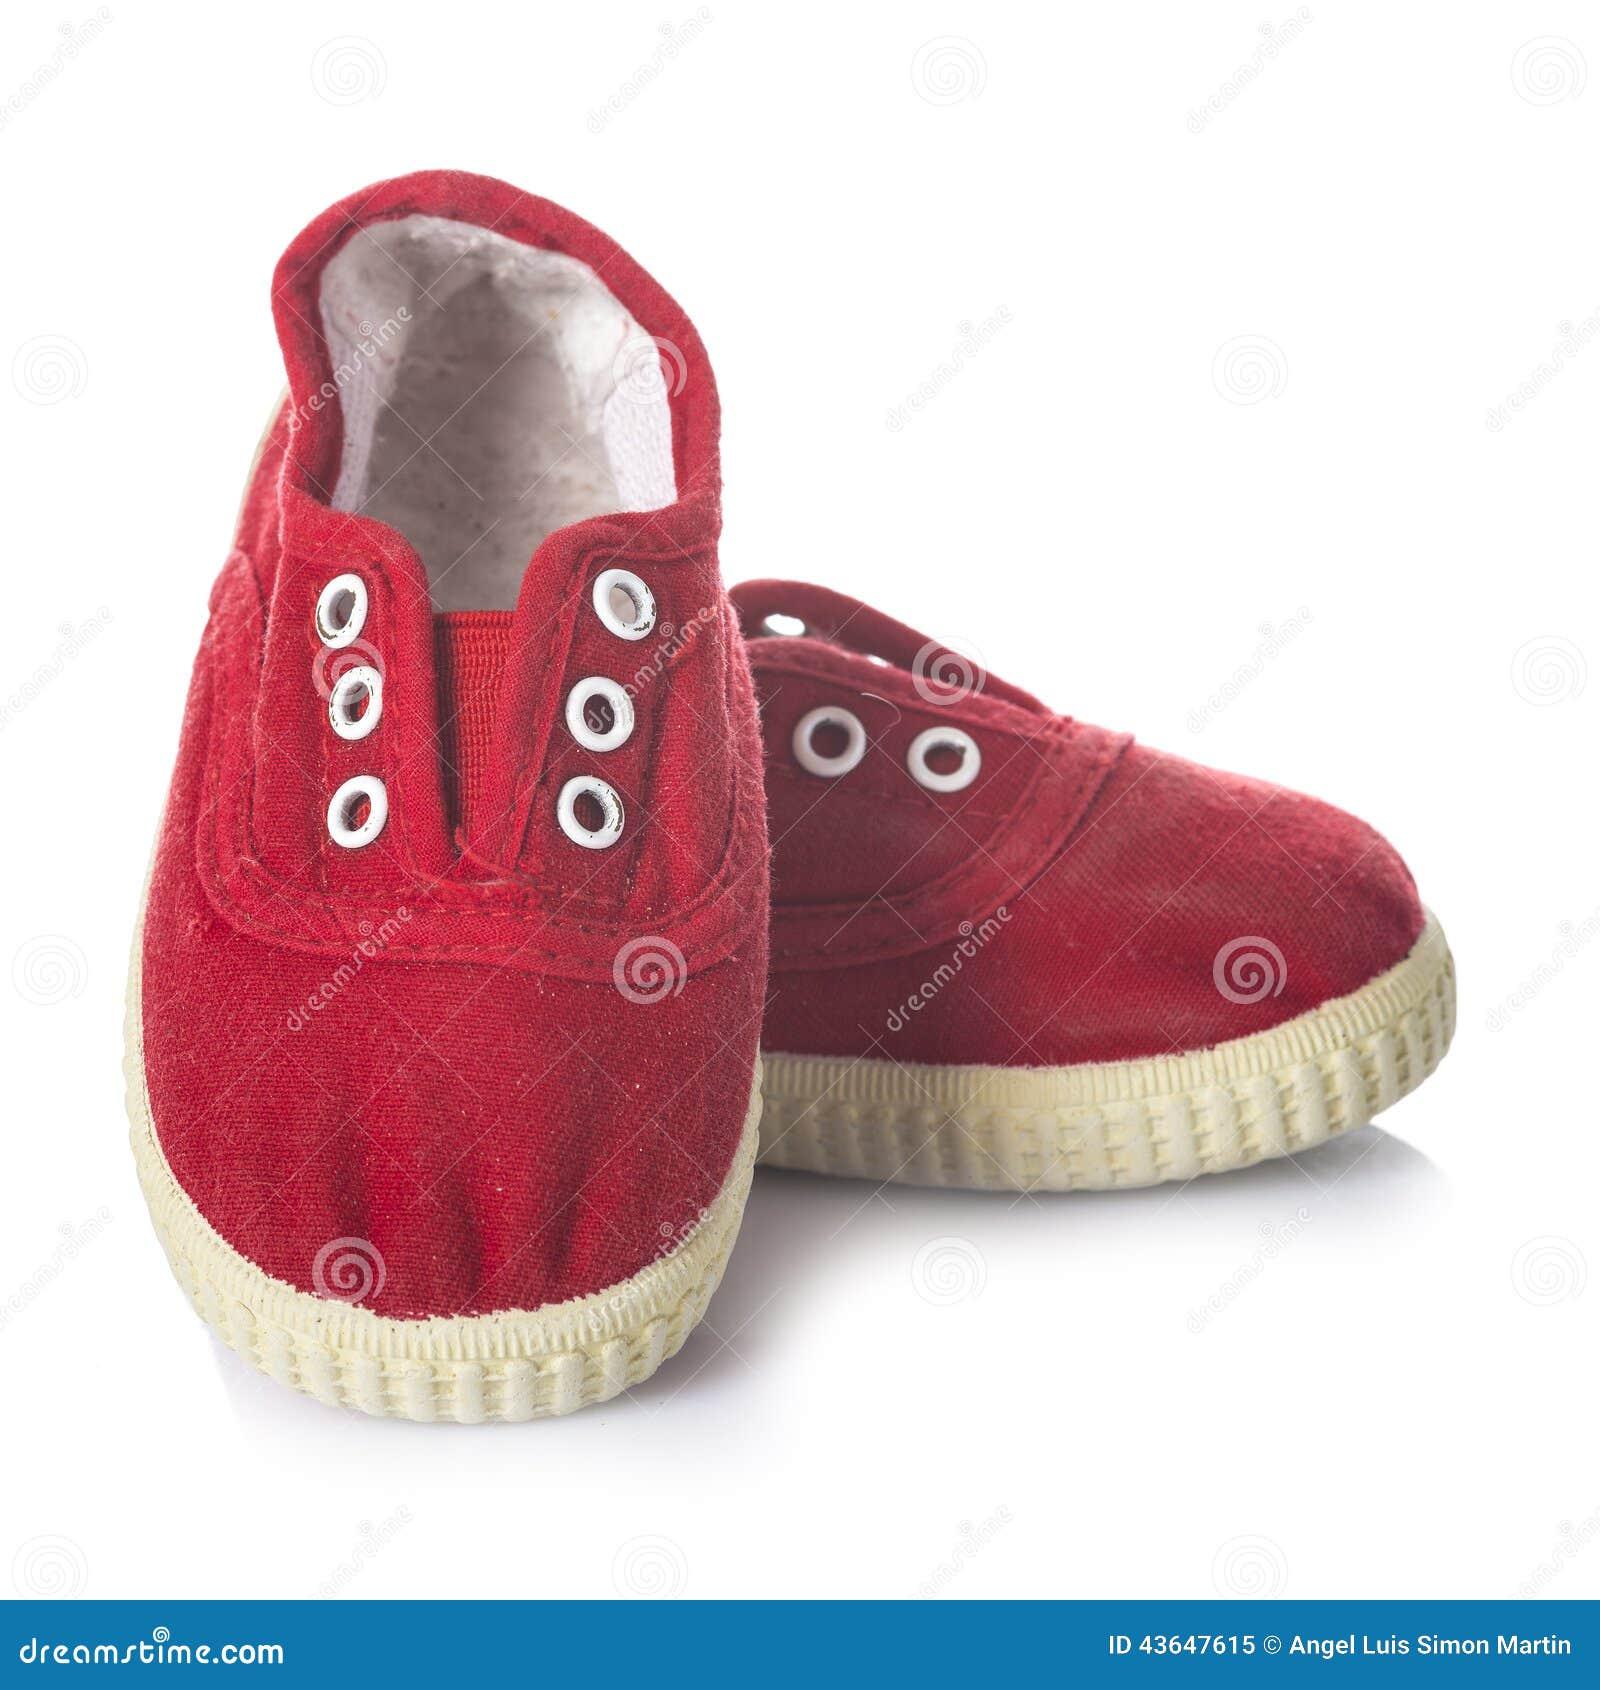 ... Topgrowth Ballerine Bambina Eleganti Sneaker Scarpe di Pelle Scarpe  Casual Festa Bimba Primigi Primavera. Scarpe rosse delle scarpe da tennis  per i ... 59c261a993a